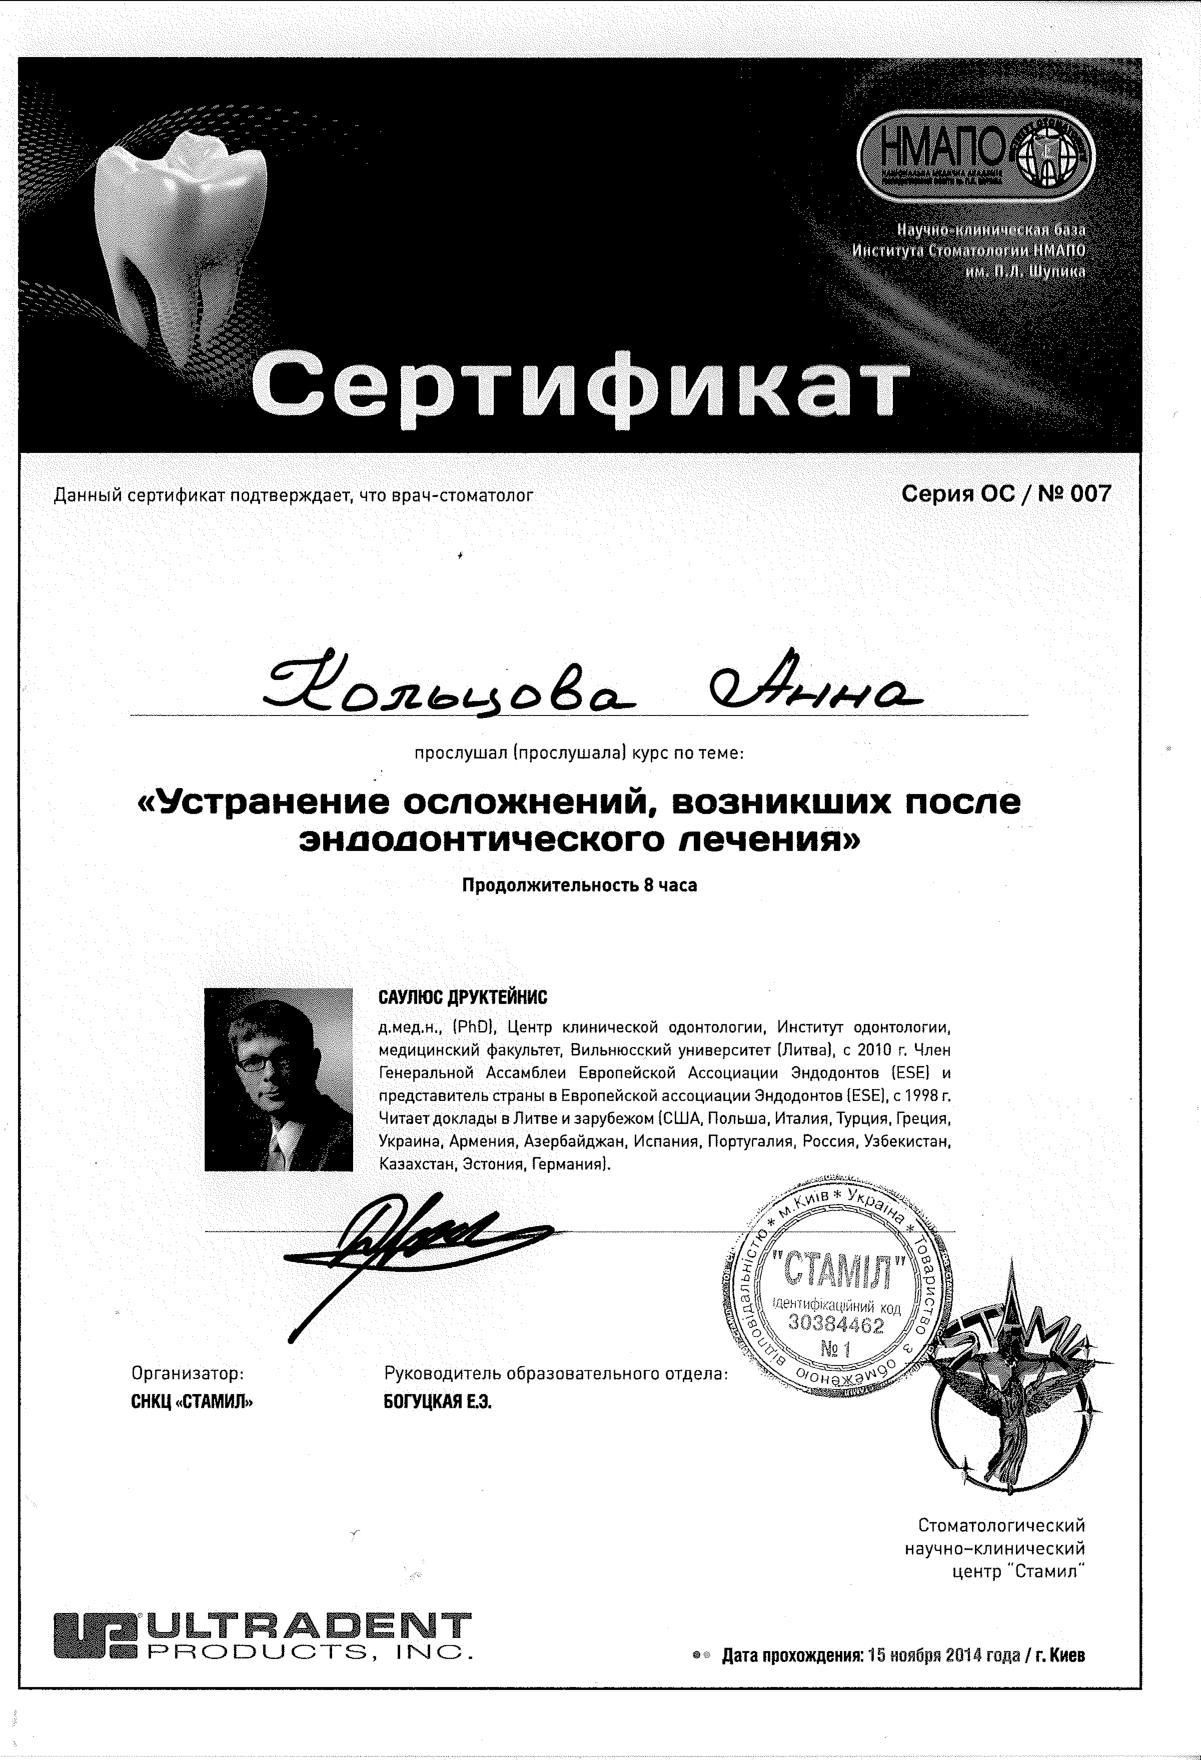 sertKoltsova9